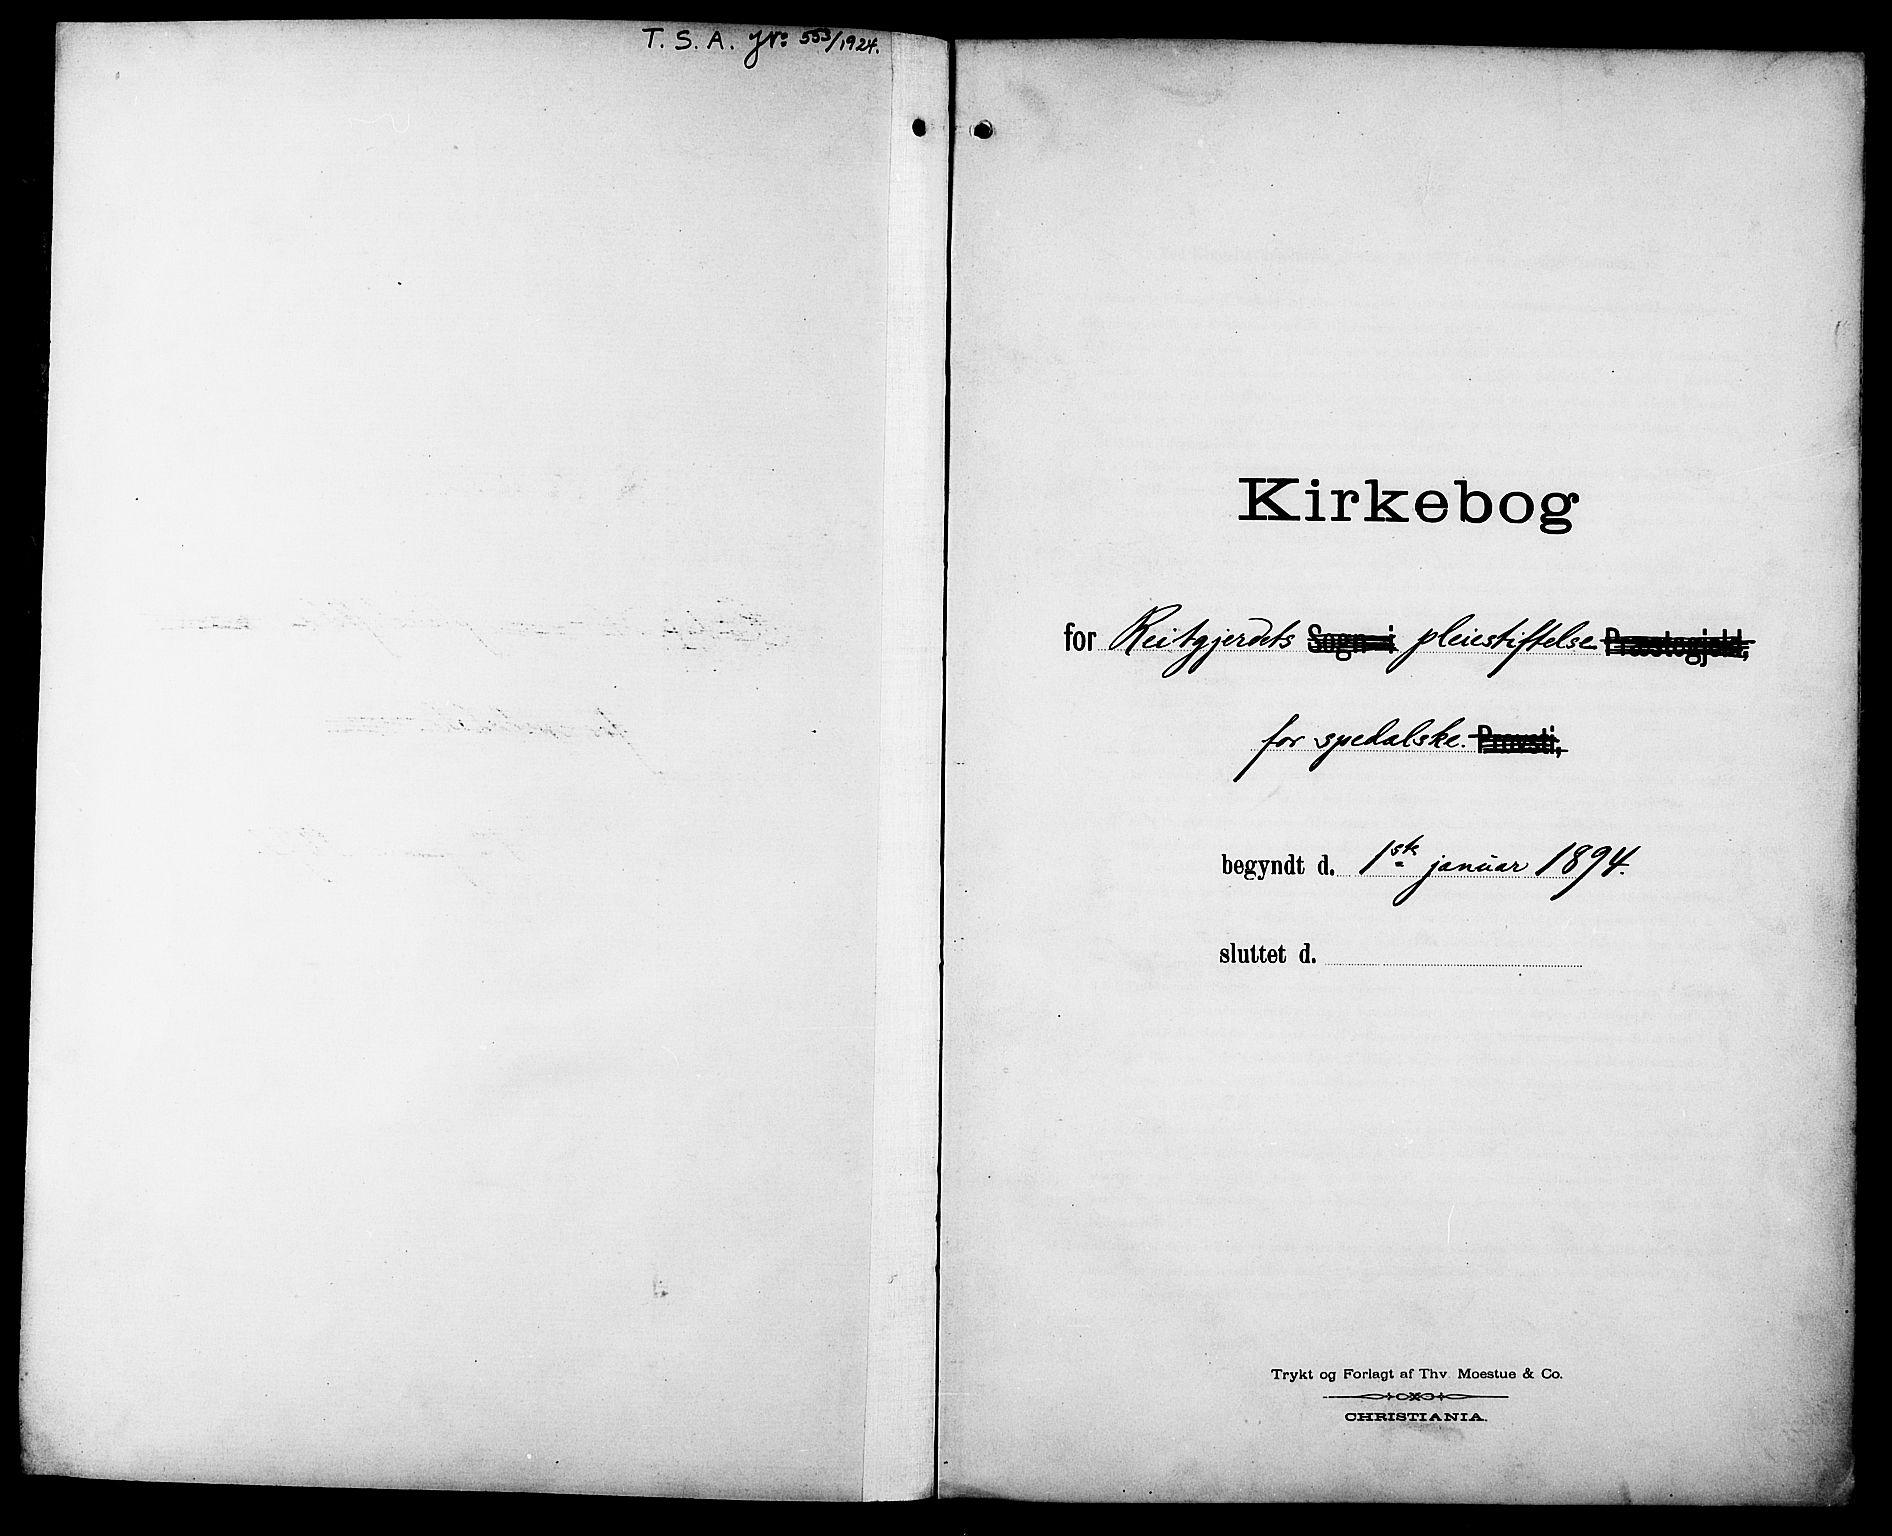 SAT, Ministerialprotokoller, klokkerbøker og fødselsregistre - Sør-Trøndelag, 629/L0486: Ministerialbok nr. 629A02, 1894-1919